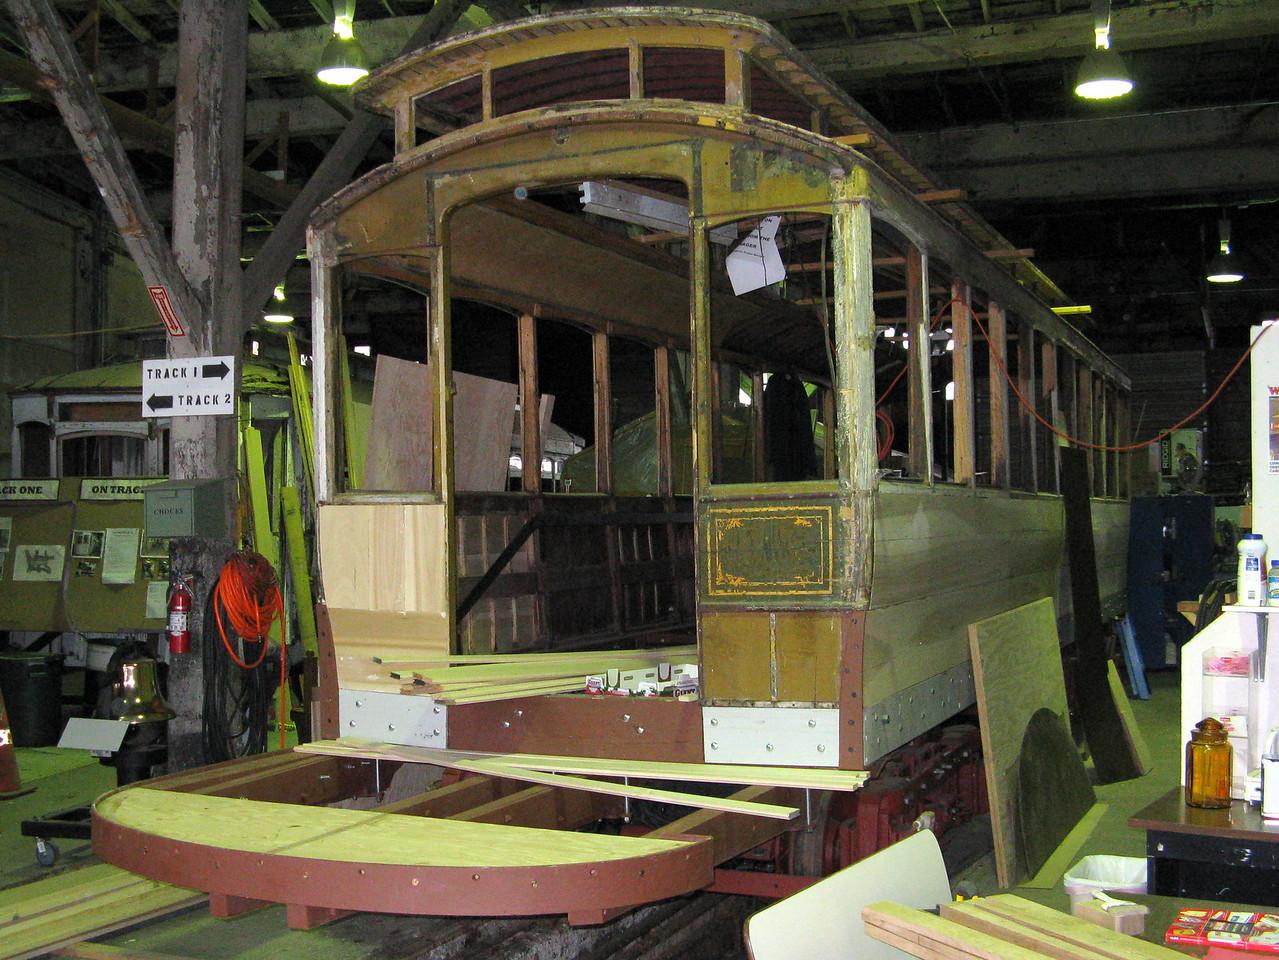 12-05-07 Trolley 021